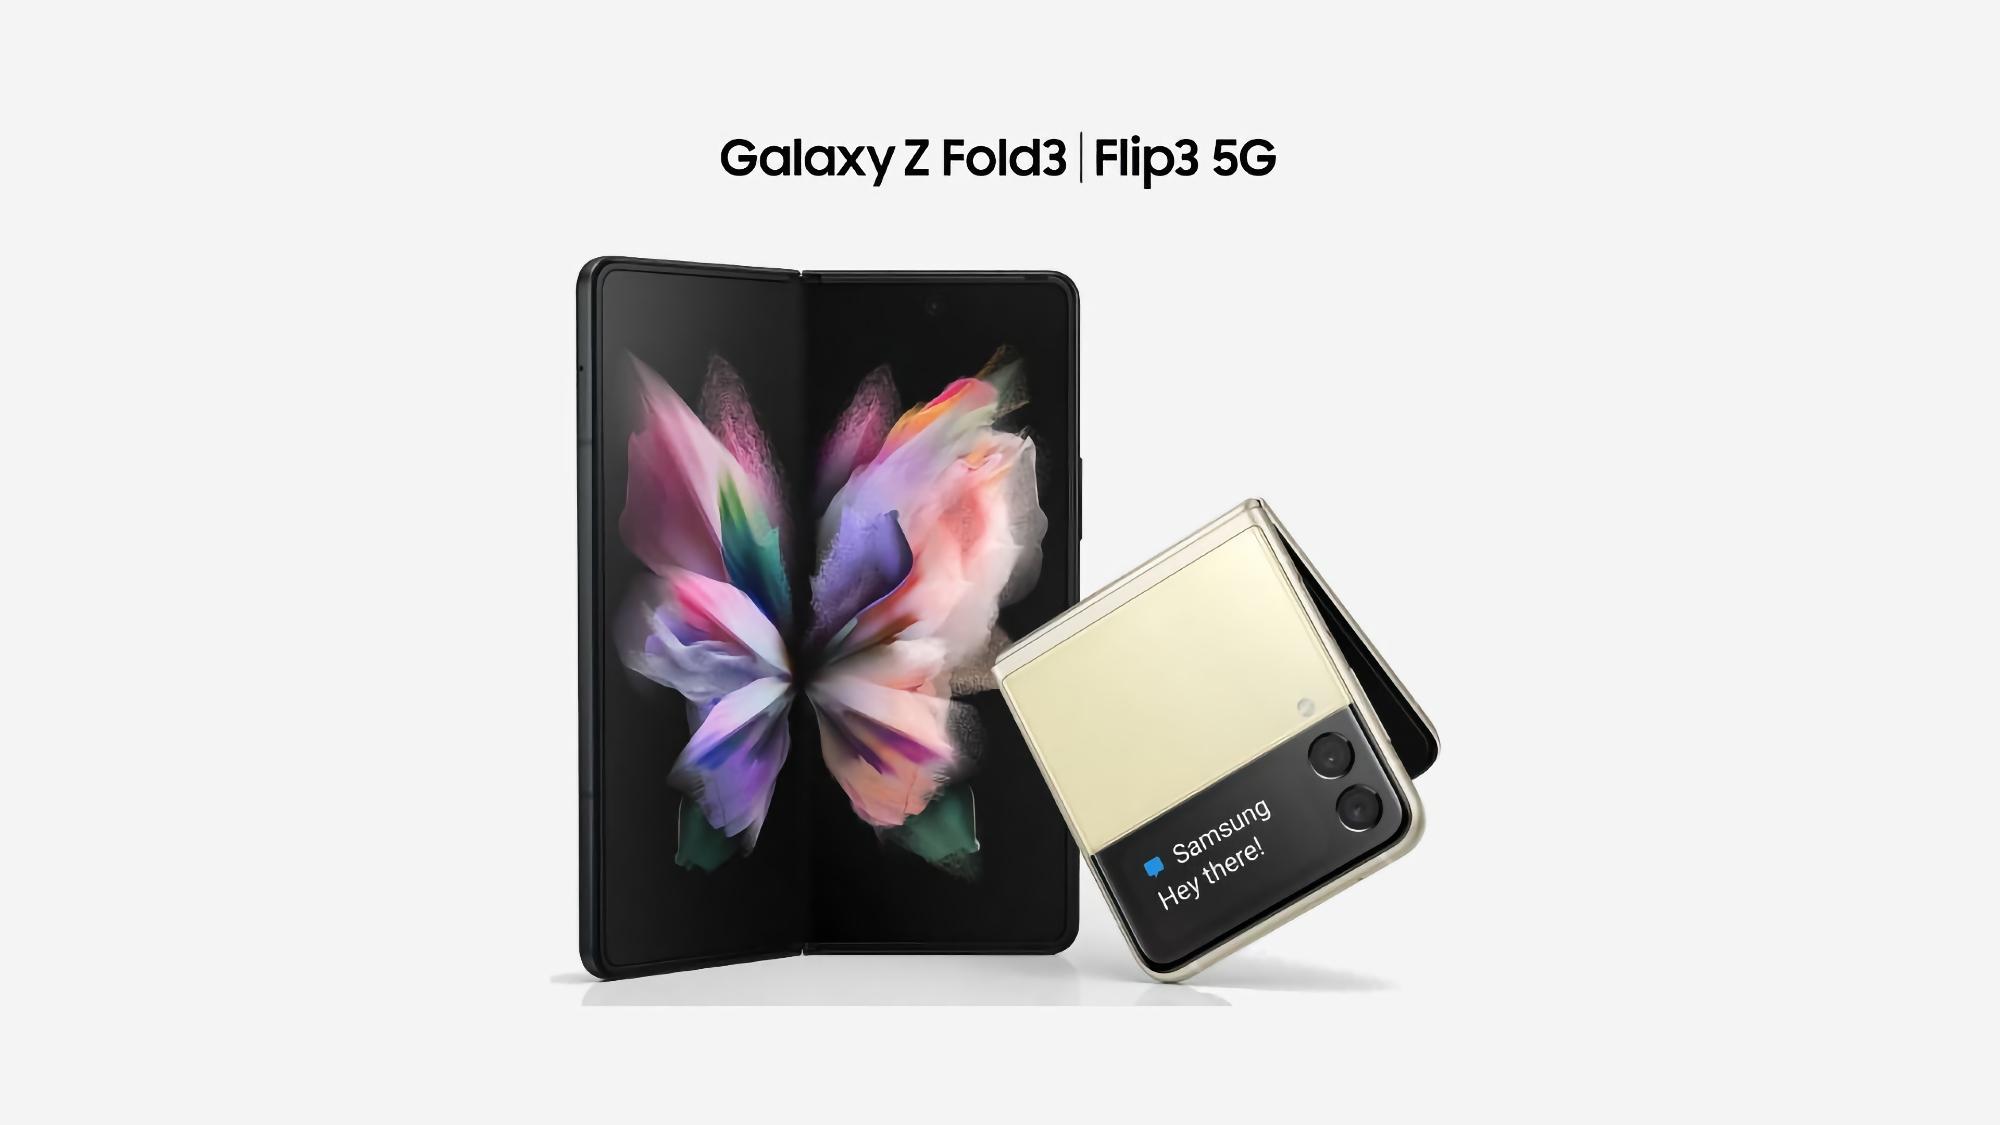 Спасибо новому ПО: Samsung Galaxy Z Fold 3 и Galaxy Z Flip 3 стали лучше фотографировать